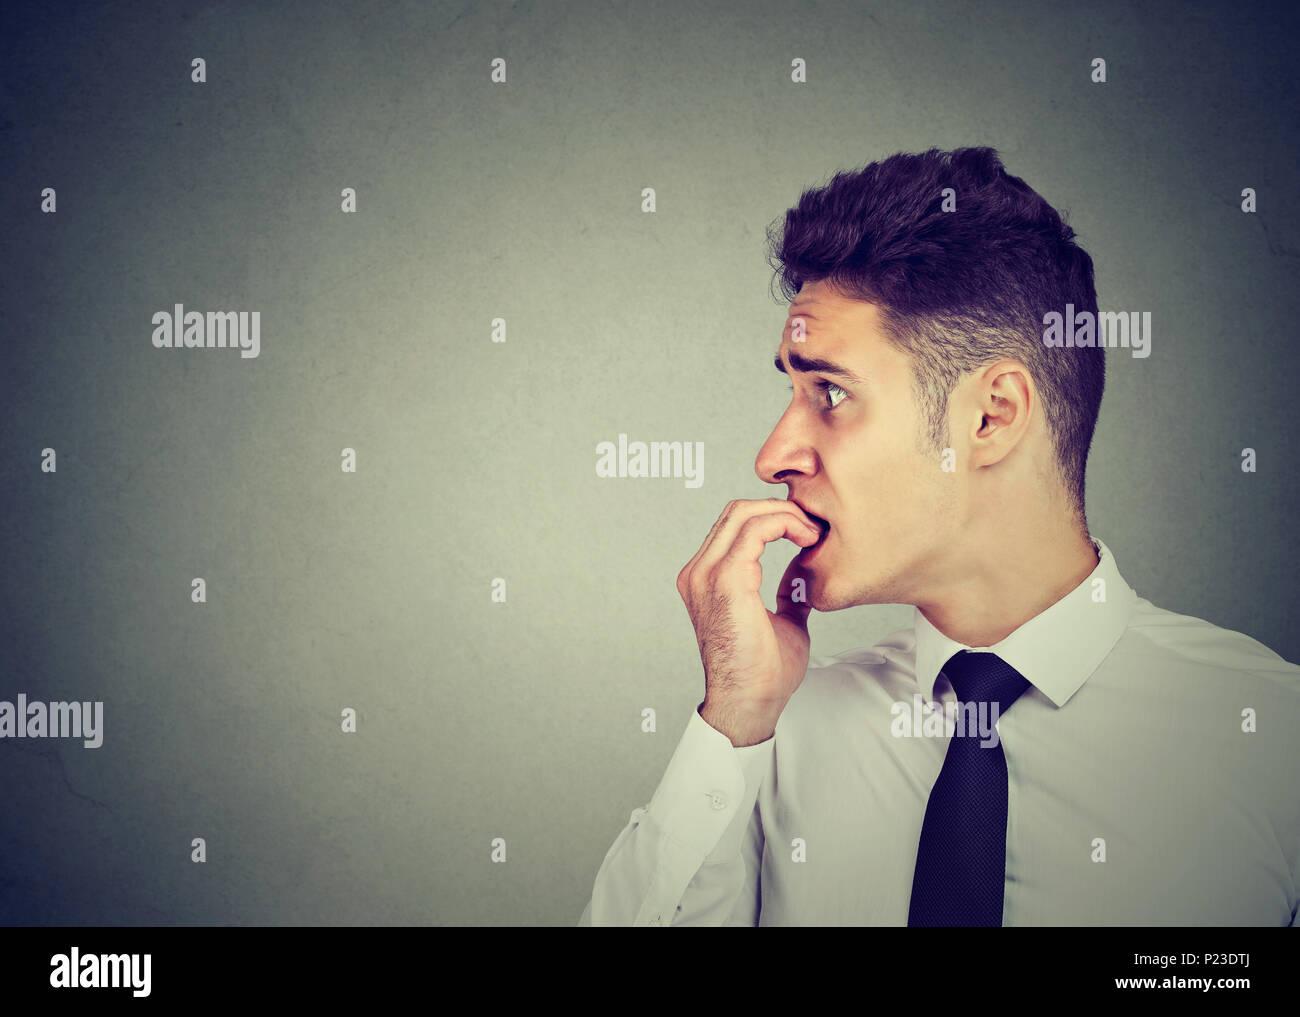 Preocupado ansioso joven mordiendo las uñas de los dedos de las manos mirando hacia el lado Imagen De Stock